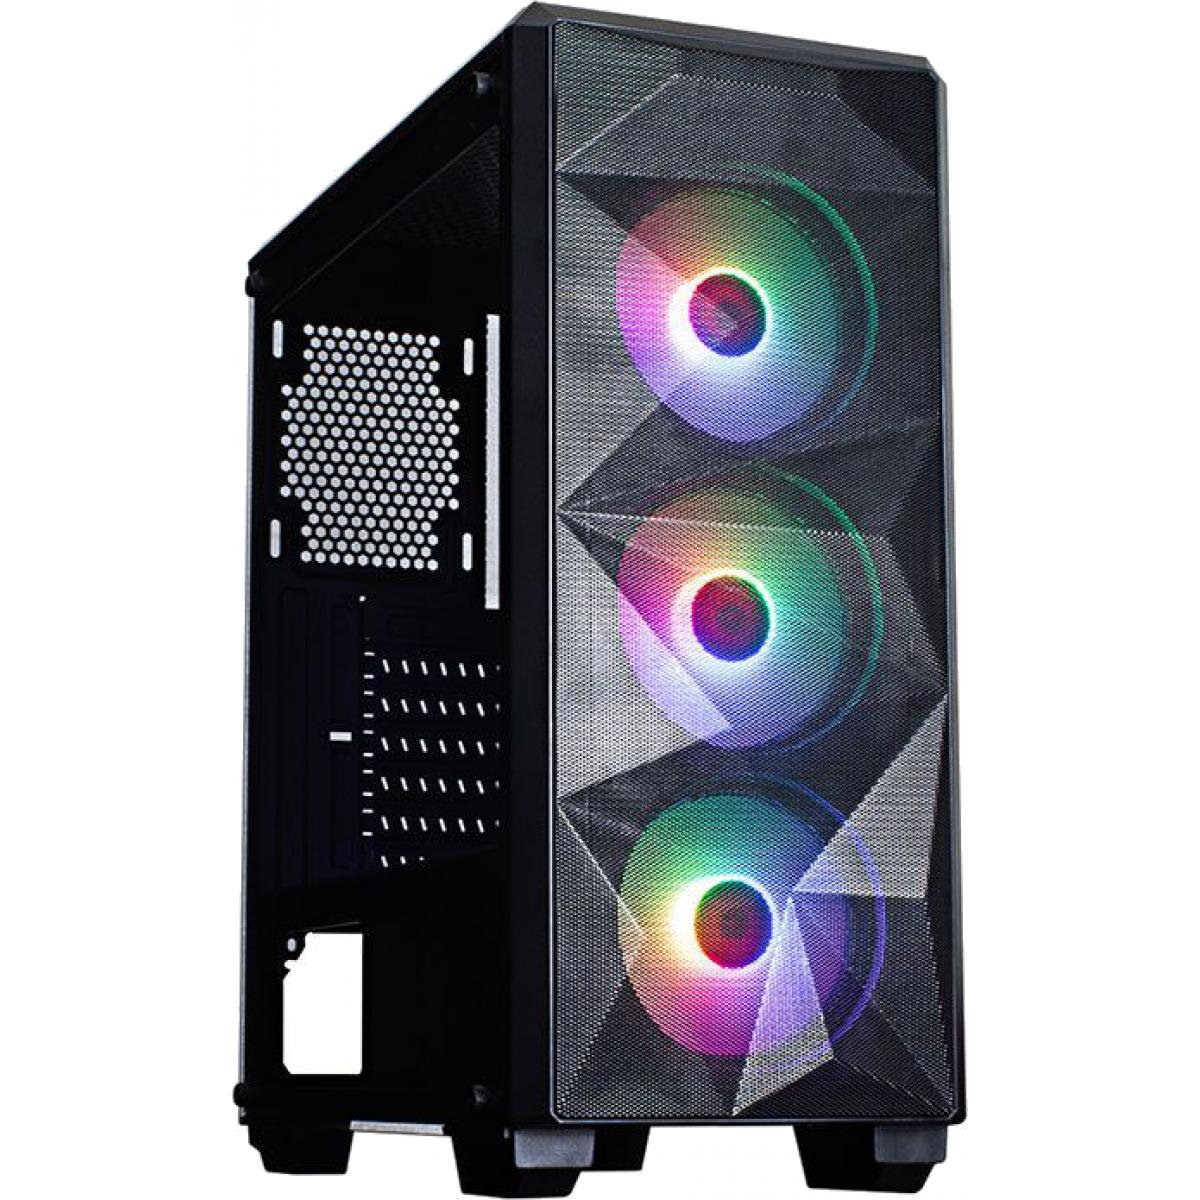 Pc Gamer Tera Edition AMD Ryzen 7 3700X / Radeon RX 570 4GB / DDR4 8GB / HD 1TB / 600W